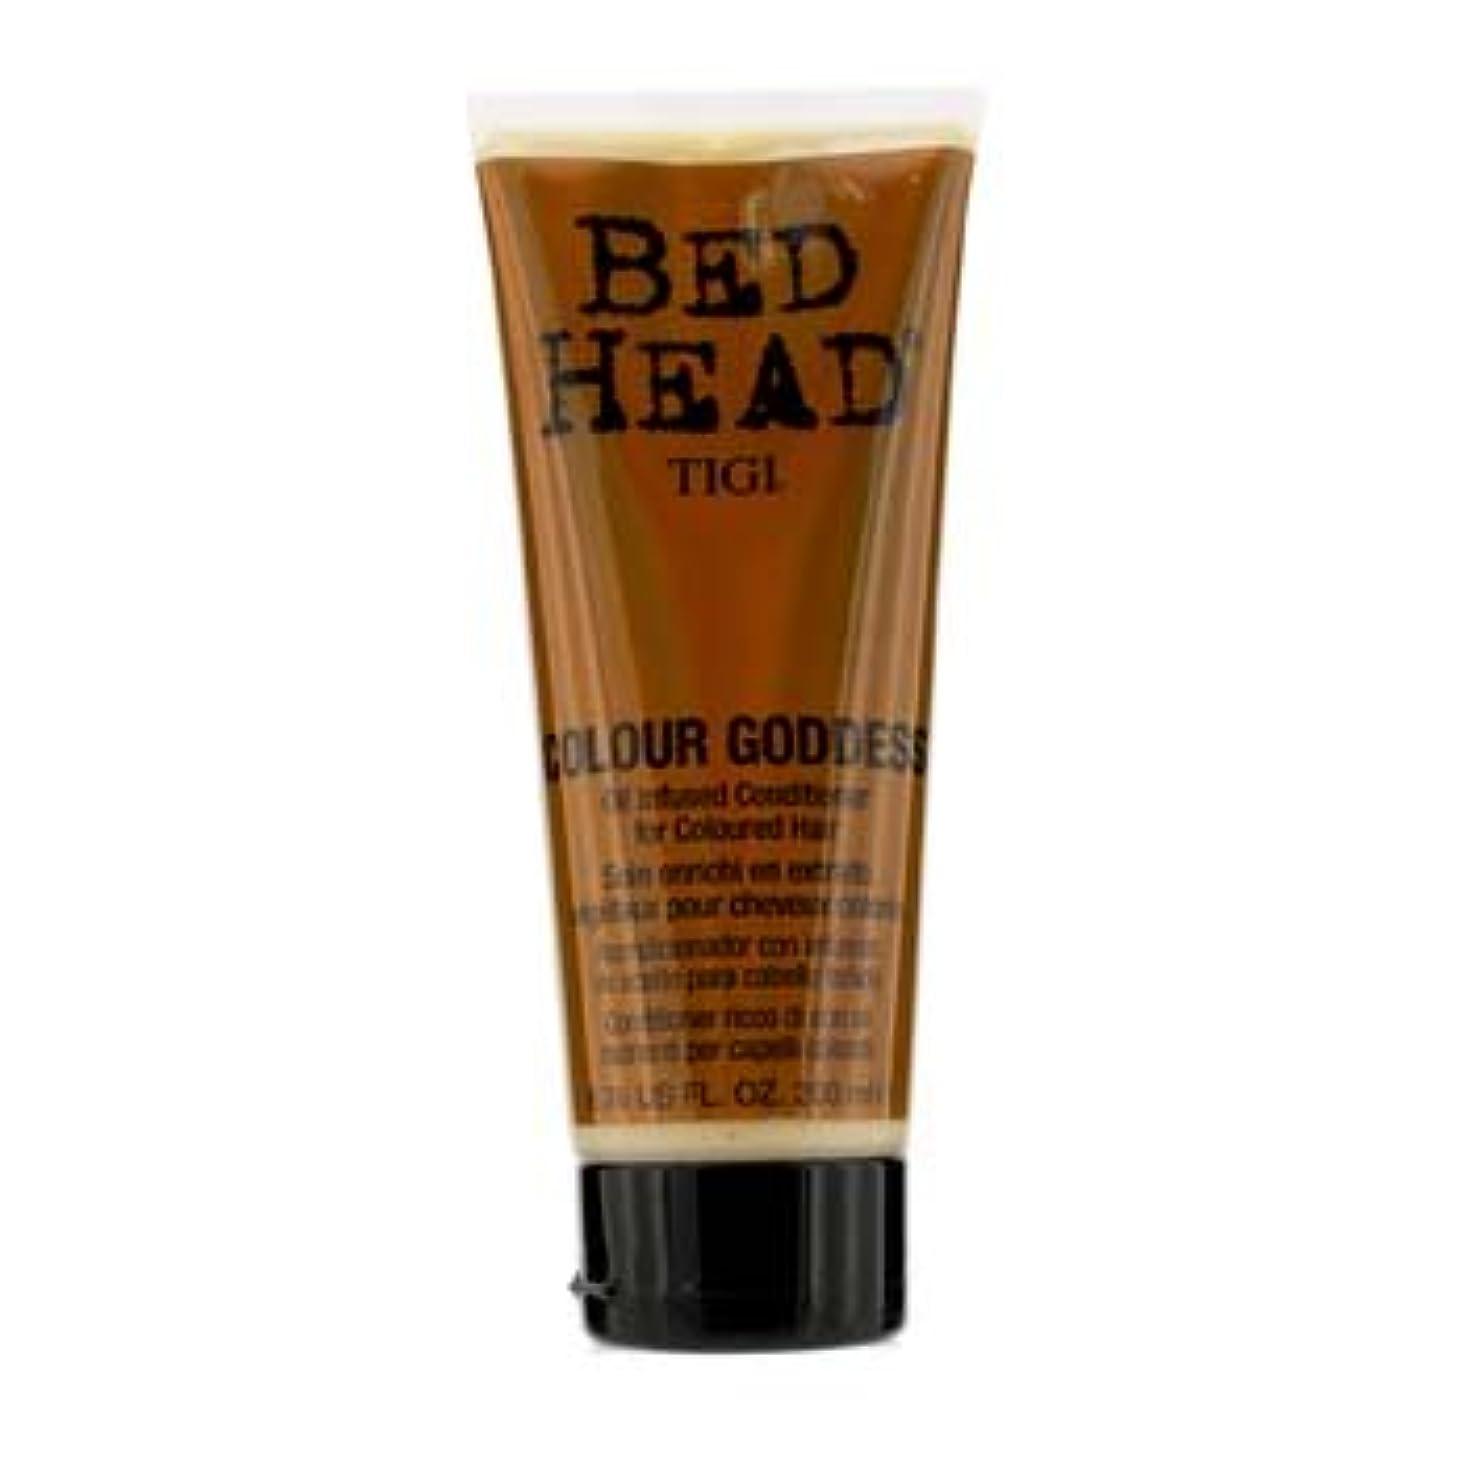 尊敬フォージ水っぽい[Tigi] Bed Head Colour Goddess Oil Infused Conditioner (For Coloured Hair) 200ml/6.76oz